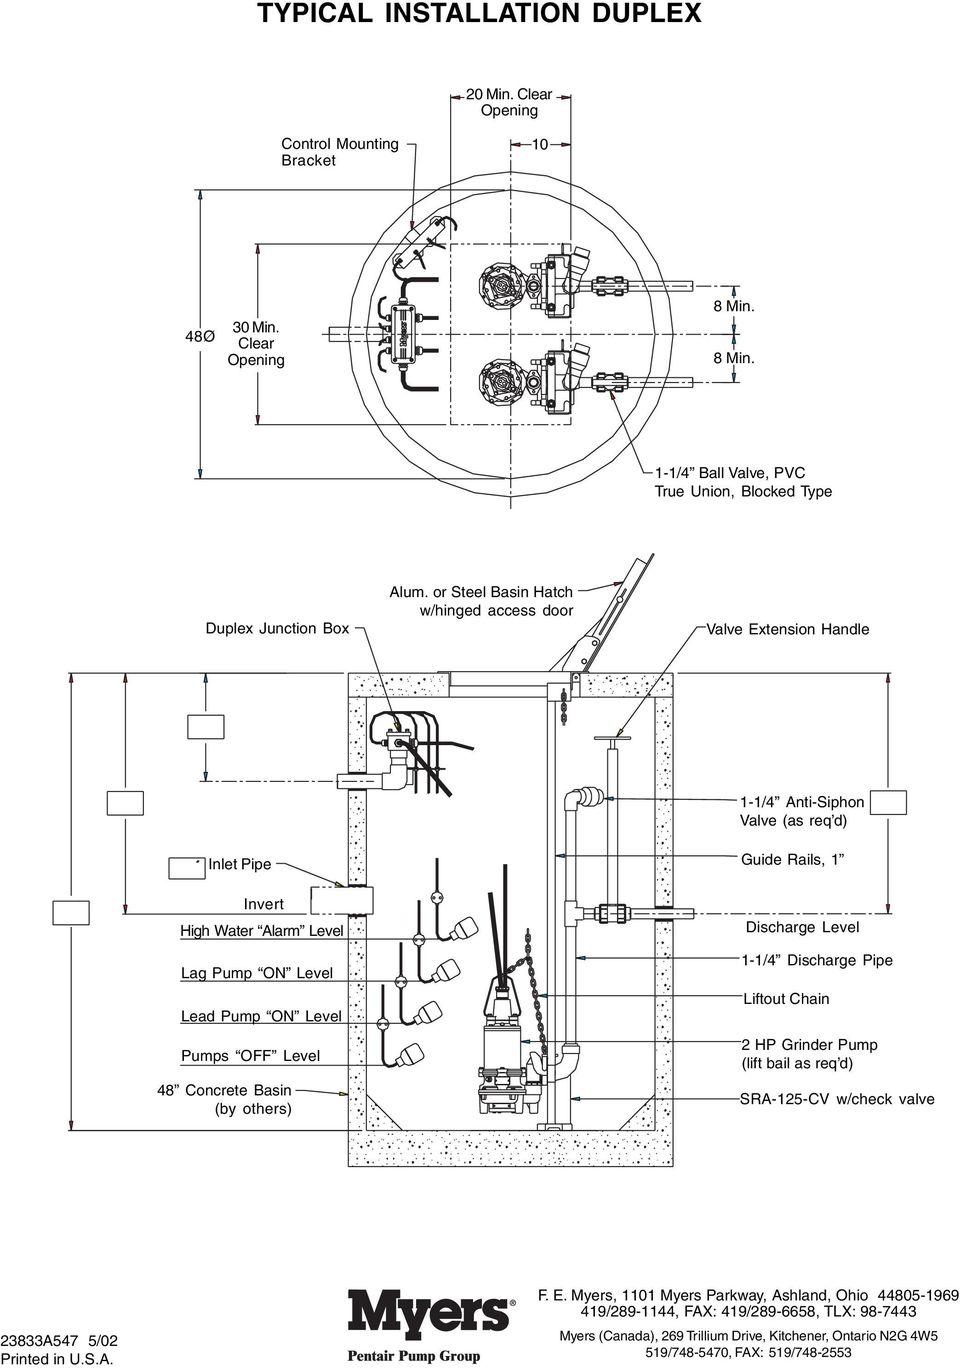 Grinder Pump Wiring Diagram - 2003 Jetta Fuse Box - fisher-wire .cukk.jeanjaures37.fr   Myers Grinder Pump Wiring Diagram      Wiring Diagram Resource